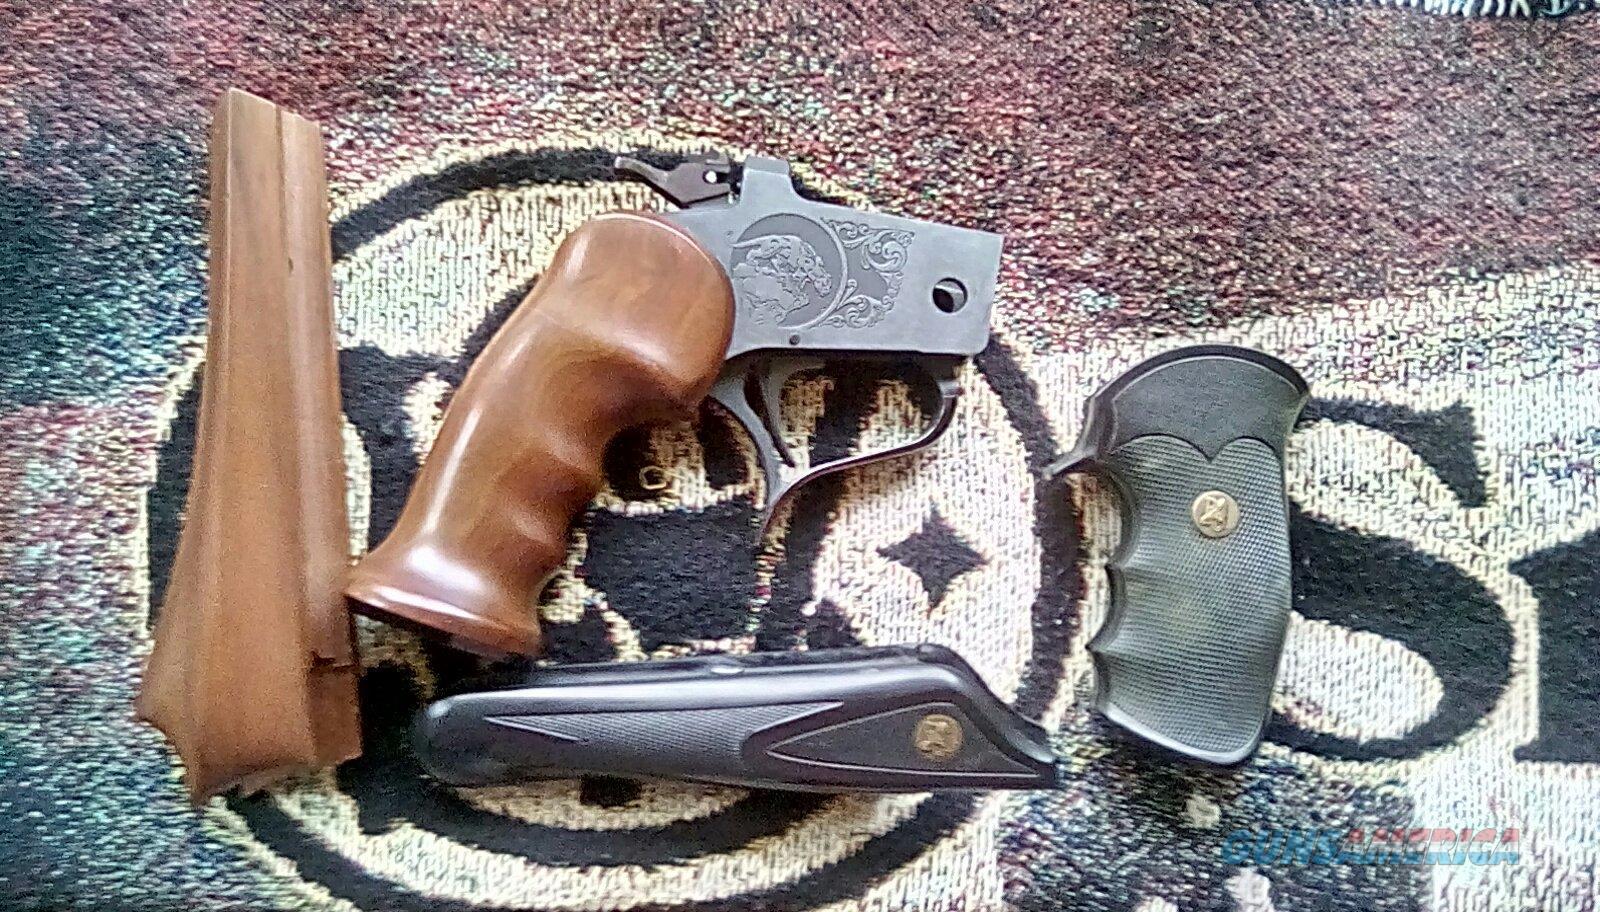 Thompson Contender Frame & Barrels   Guns > Pistols > Thompson Center Pistols > Contender